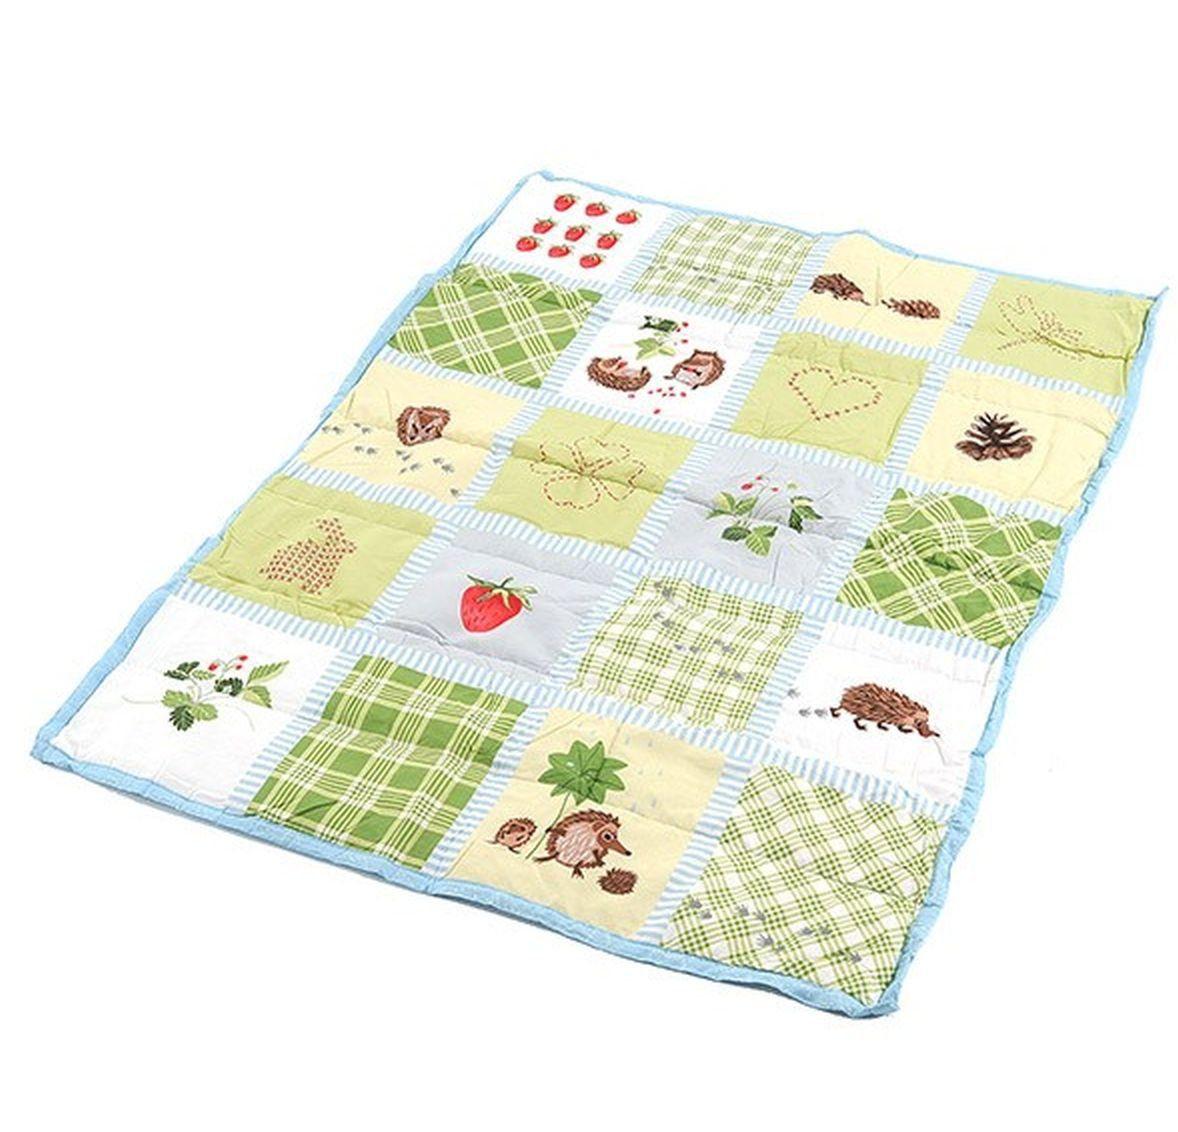 IKEA VANDRING RUTA Crib DUVET Comforter Blanket GREEN Hedgehog ...